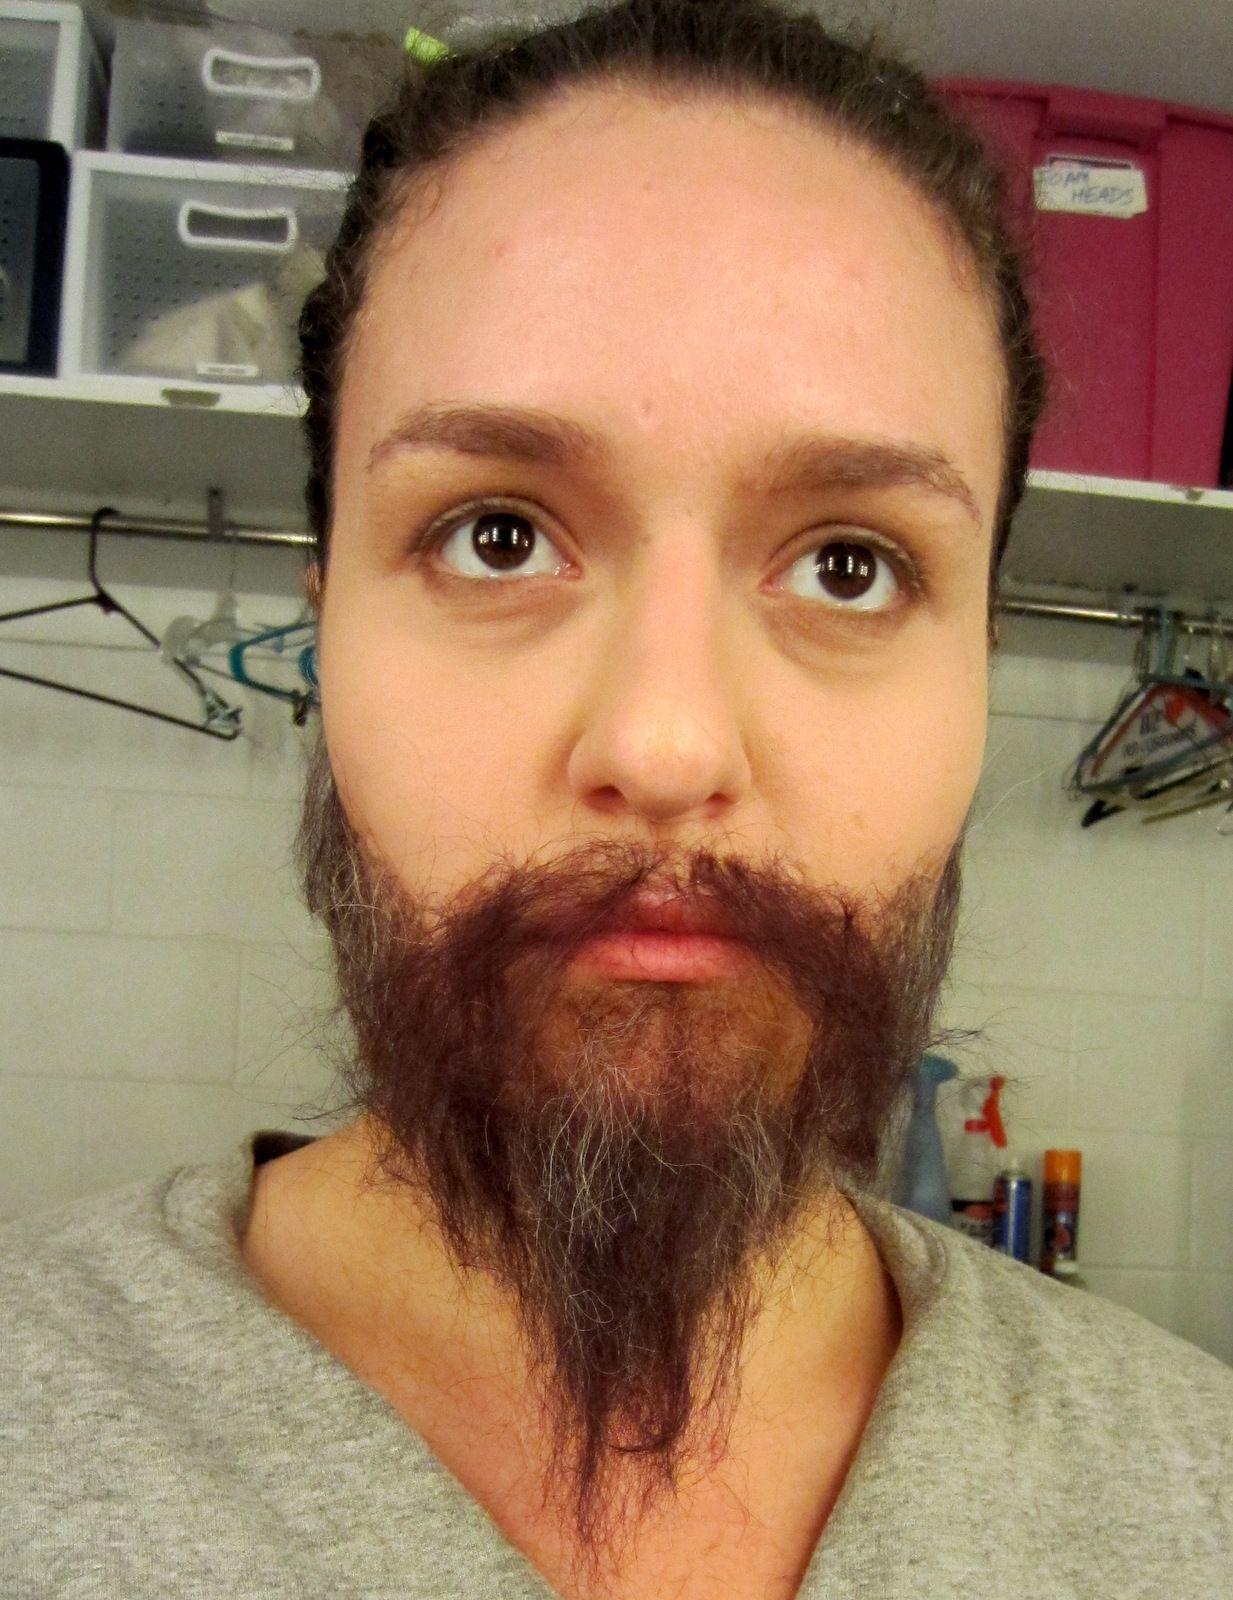 Cabelo crepe de lã para bigodes falsos e Pêlos faciais ruivo acobreado